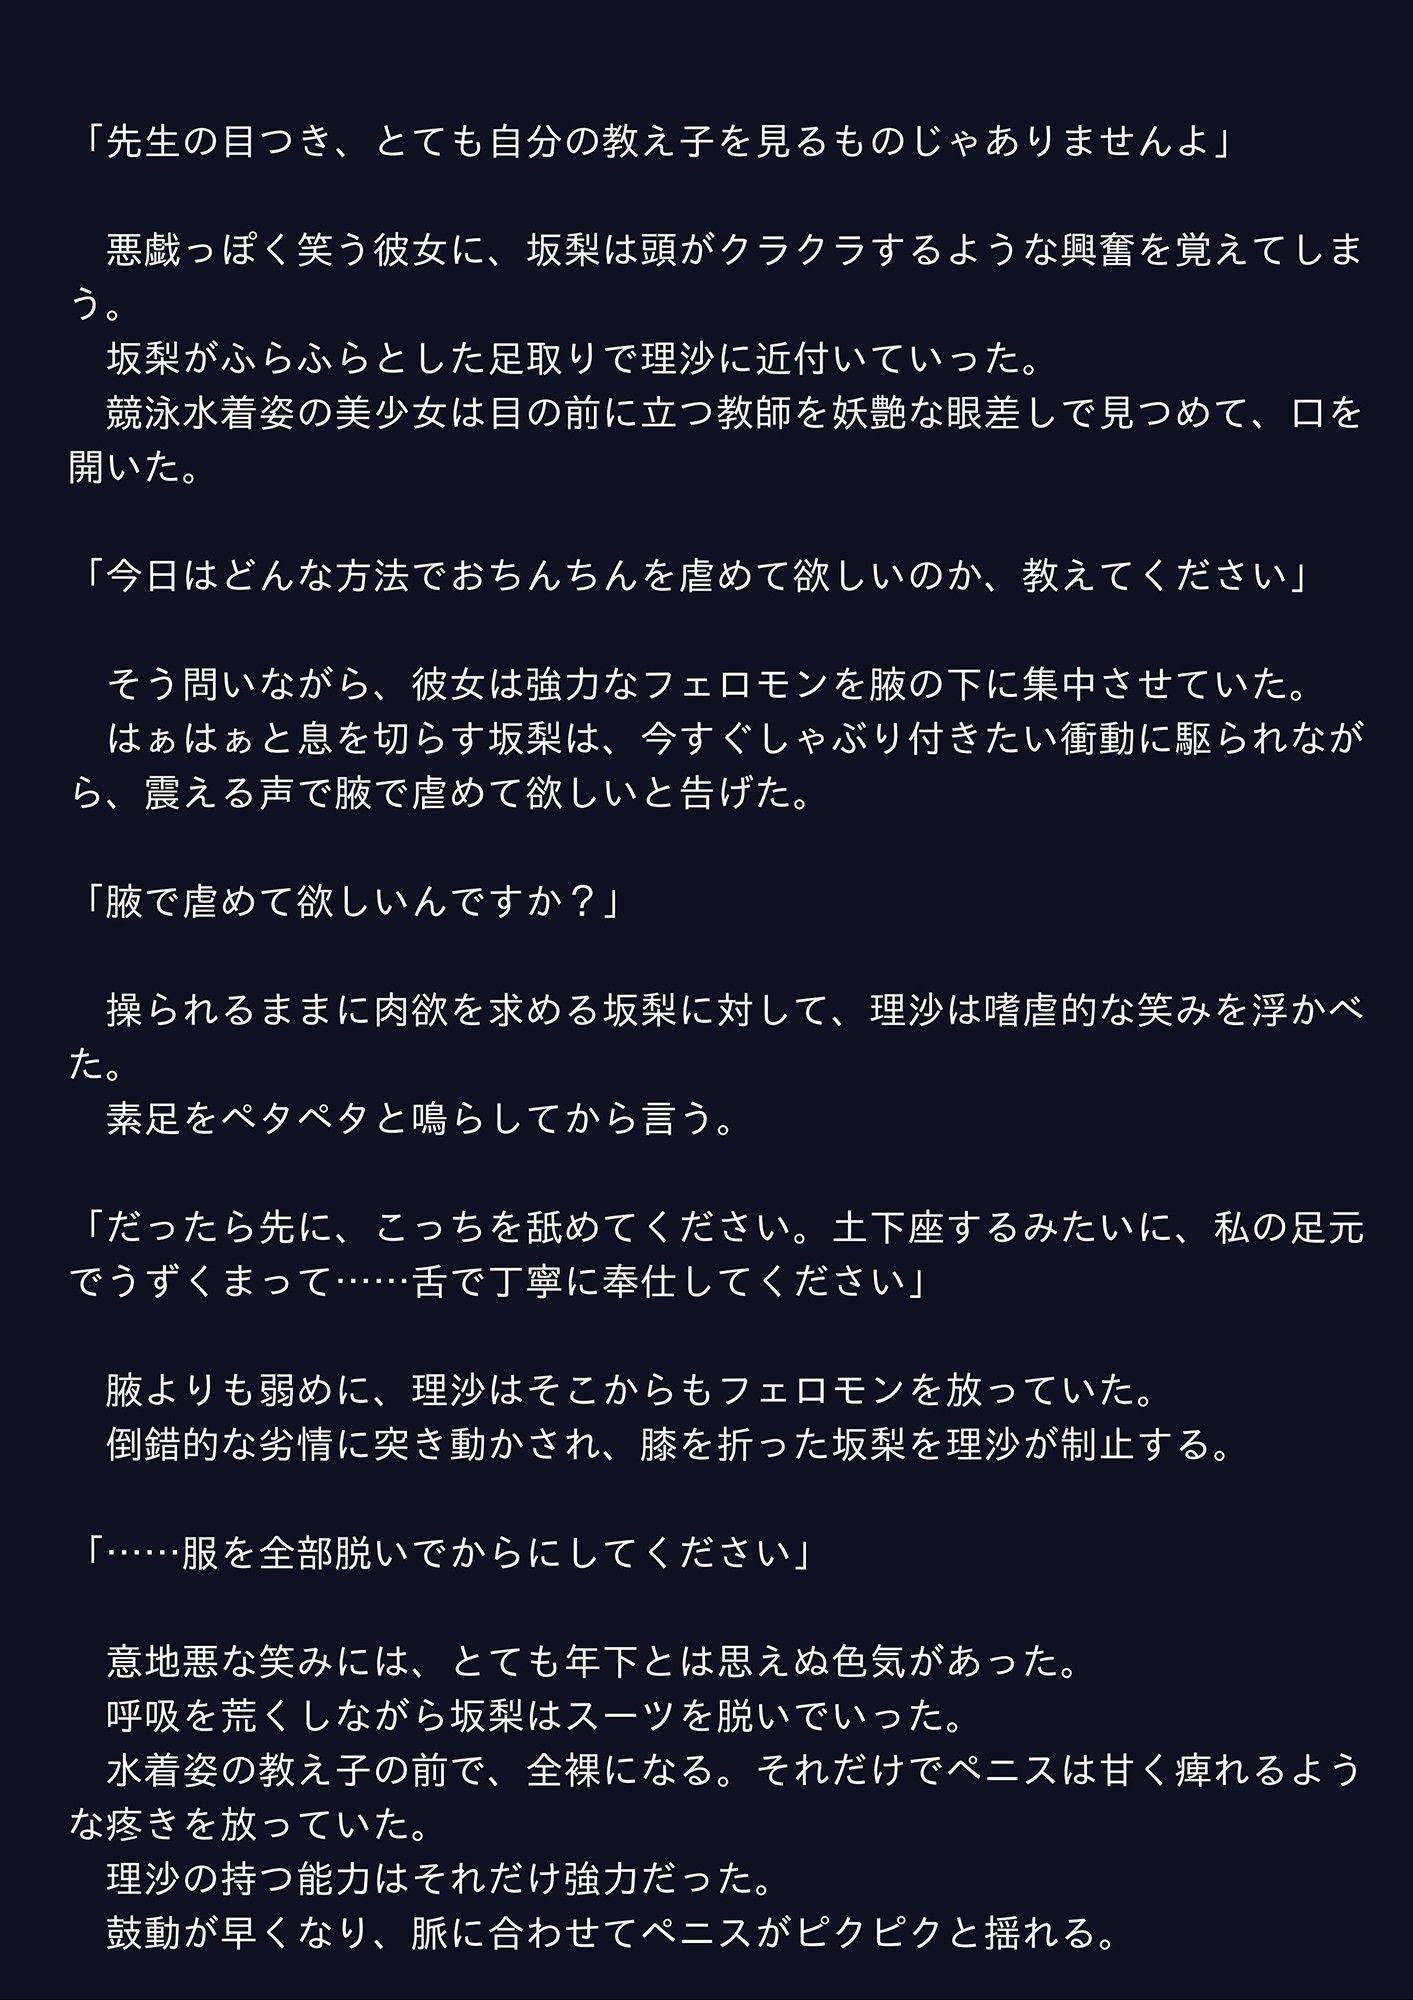 [グラビア]「6 姫川みう」(姫川みう)